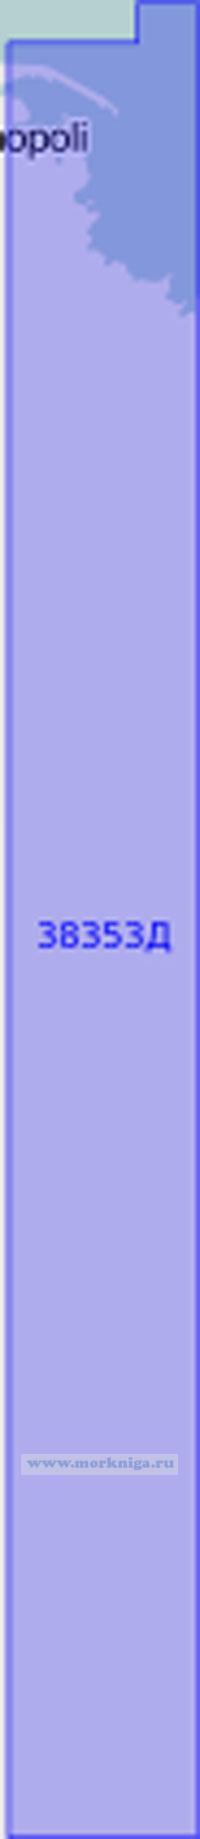 38353Д Гавани побережья Италии. Гавань Монополи